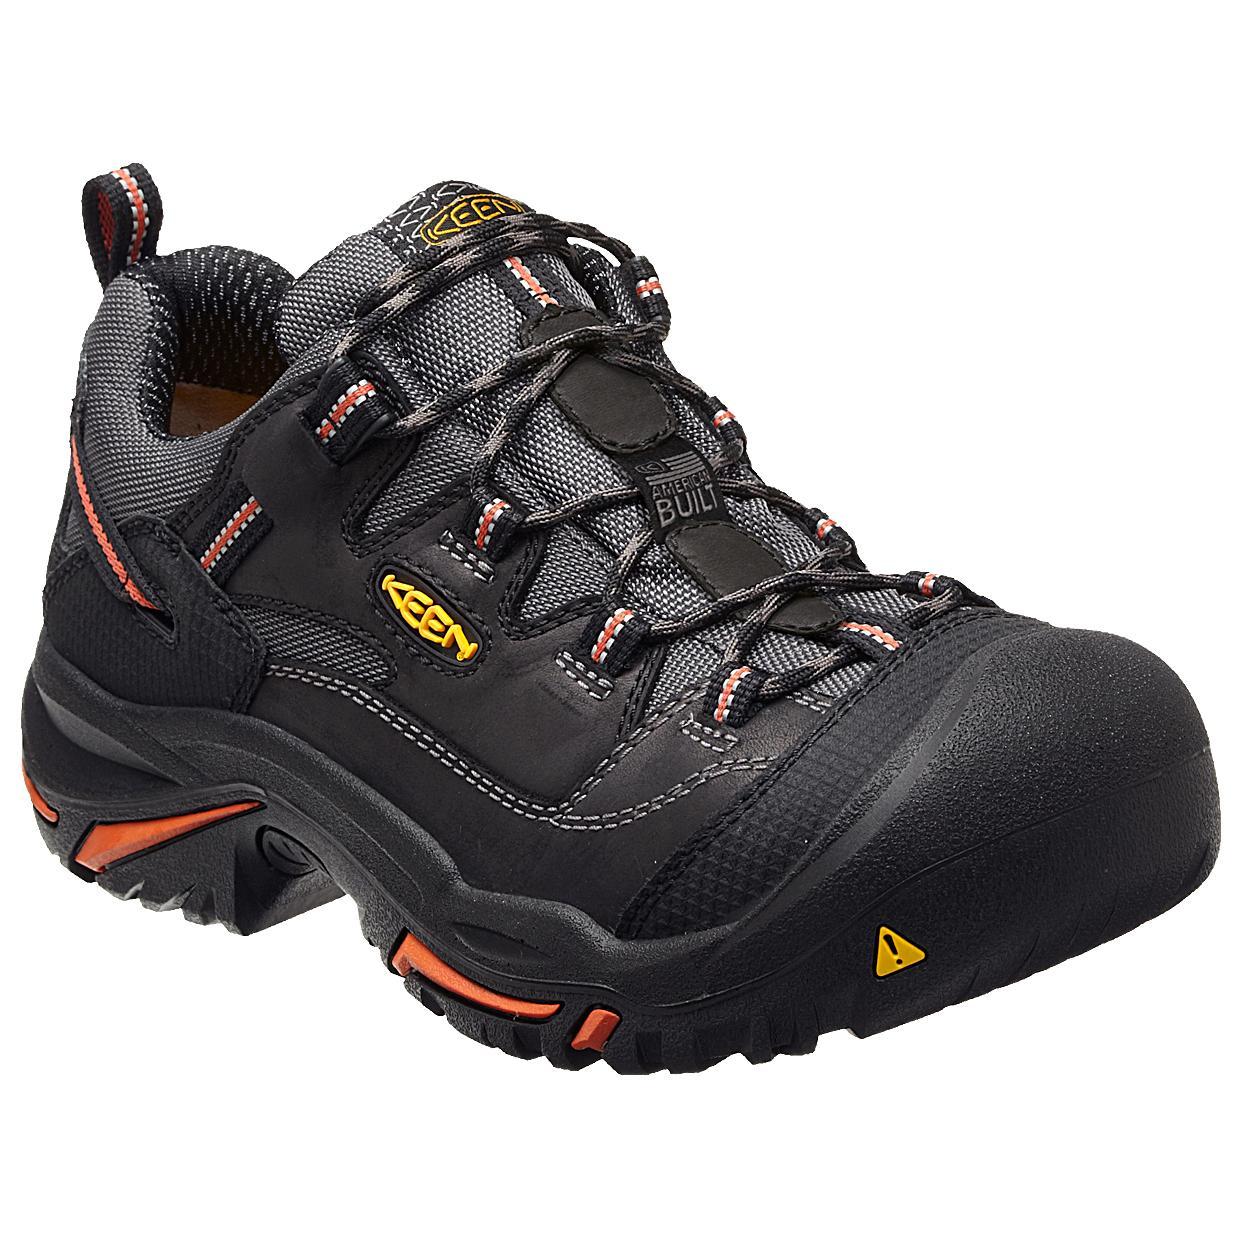 f73bb85162 KEEN Utility® Braddock Low Steel Toe Athletic Work ShoeKEEN Utility®  Braddock Low Steel Toe Athletic Work Shoe